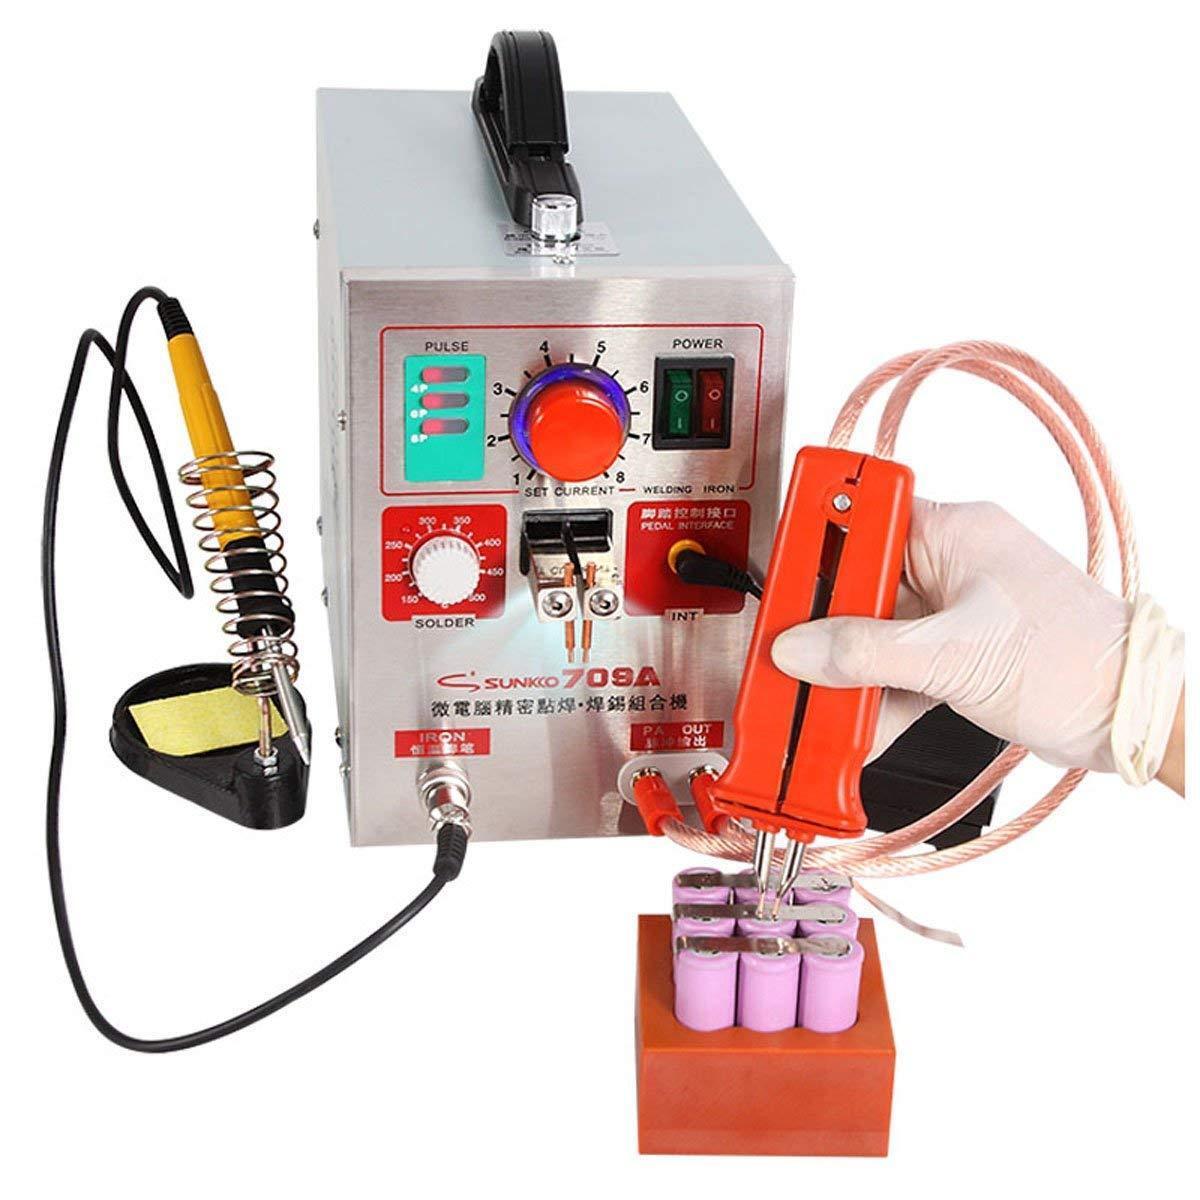 Punktschweißgerät 2 in 1 709A 1.9kw Spot 60A Welder Battery Punktschweißen